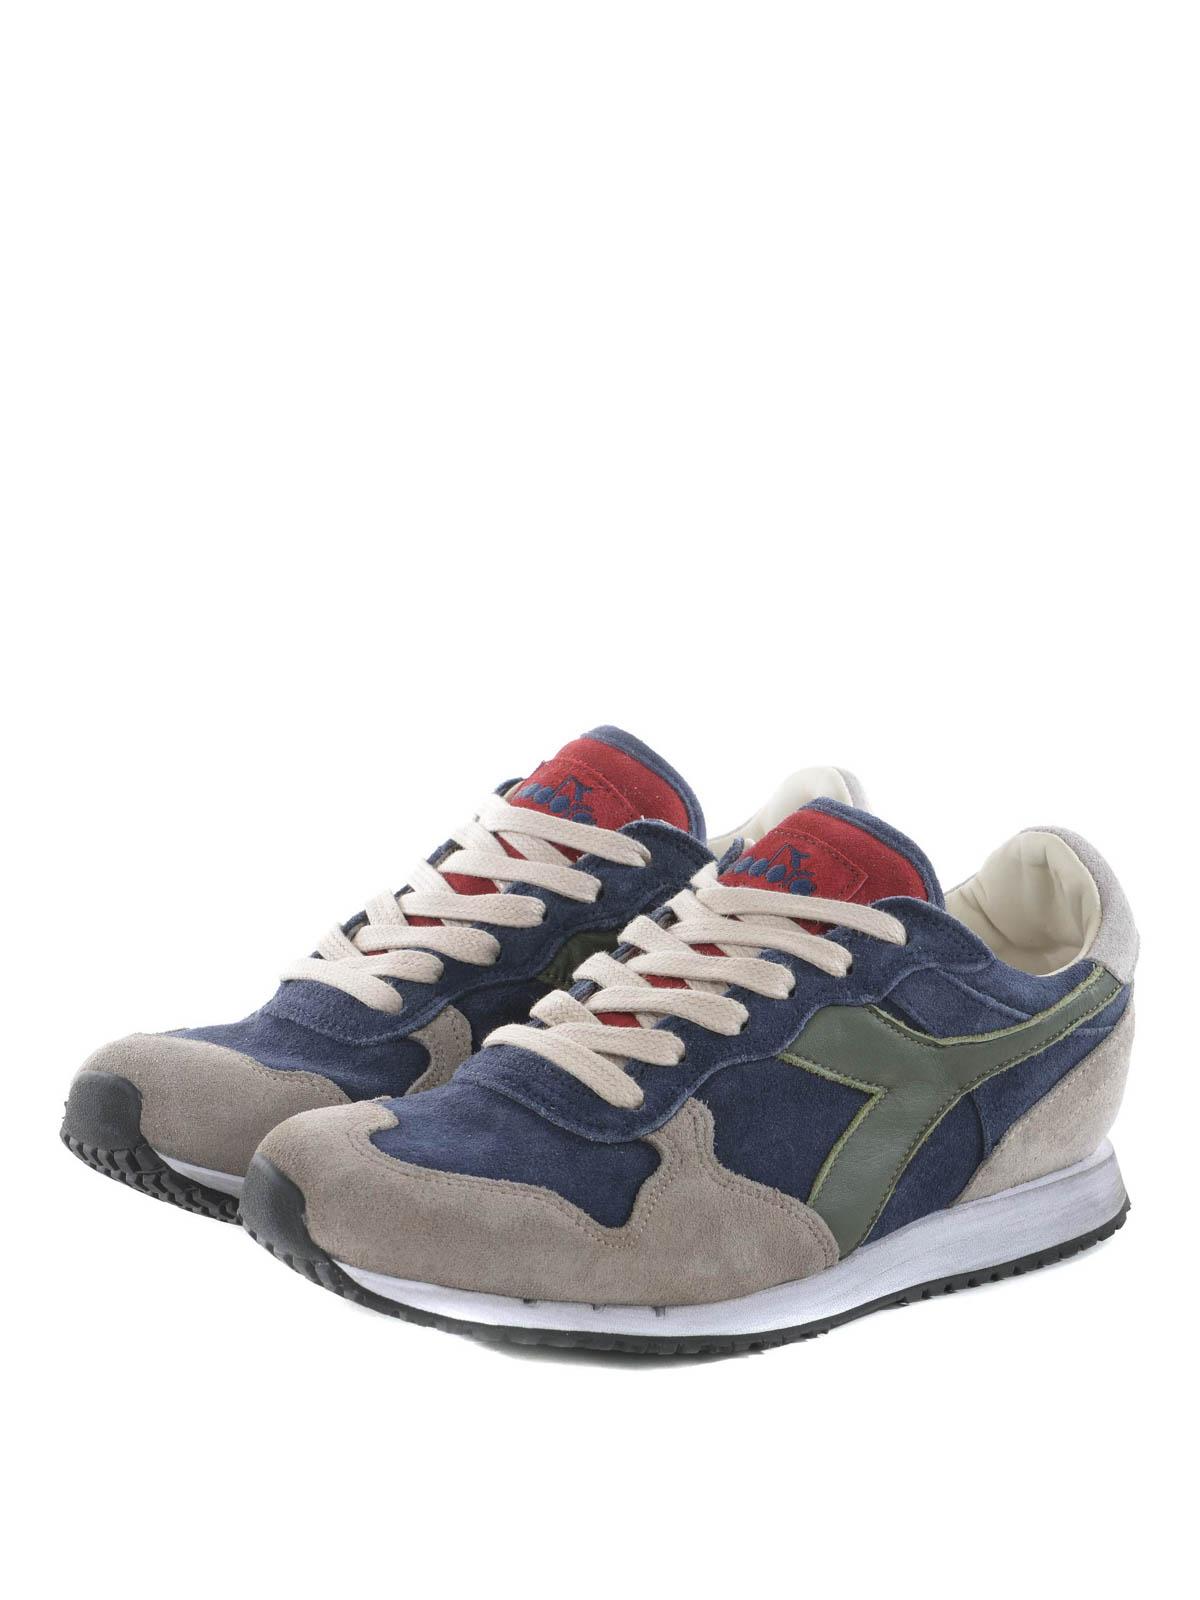 qualità stabile materiale selezionato costo moderato Diadora Heritage - Trident S SW sneakers - trainers - 157664 ...